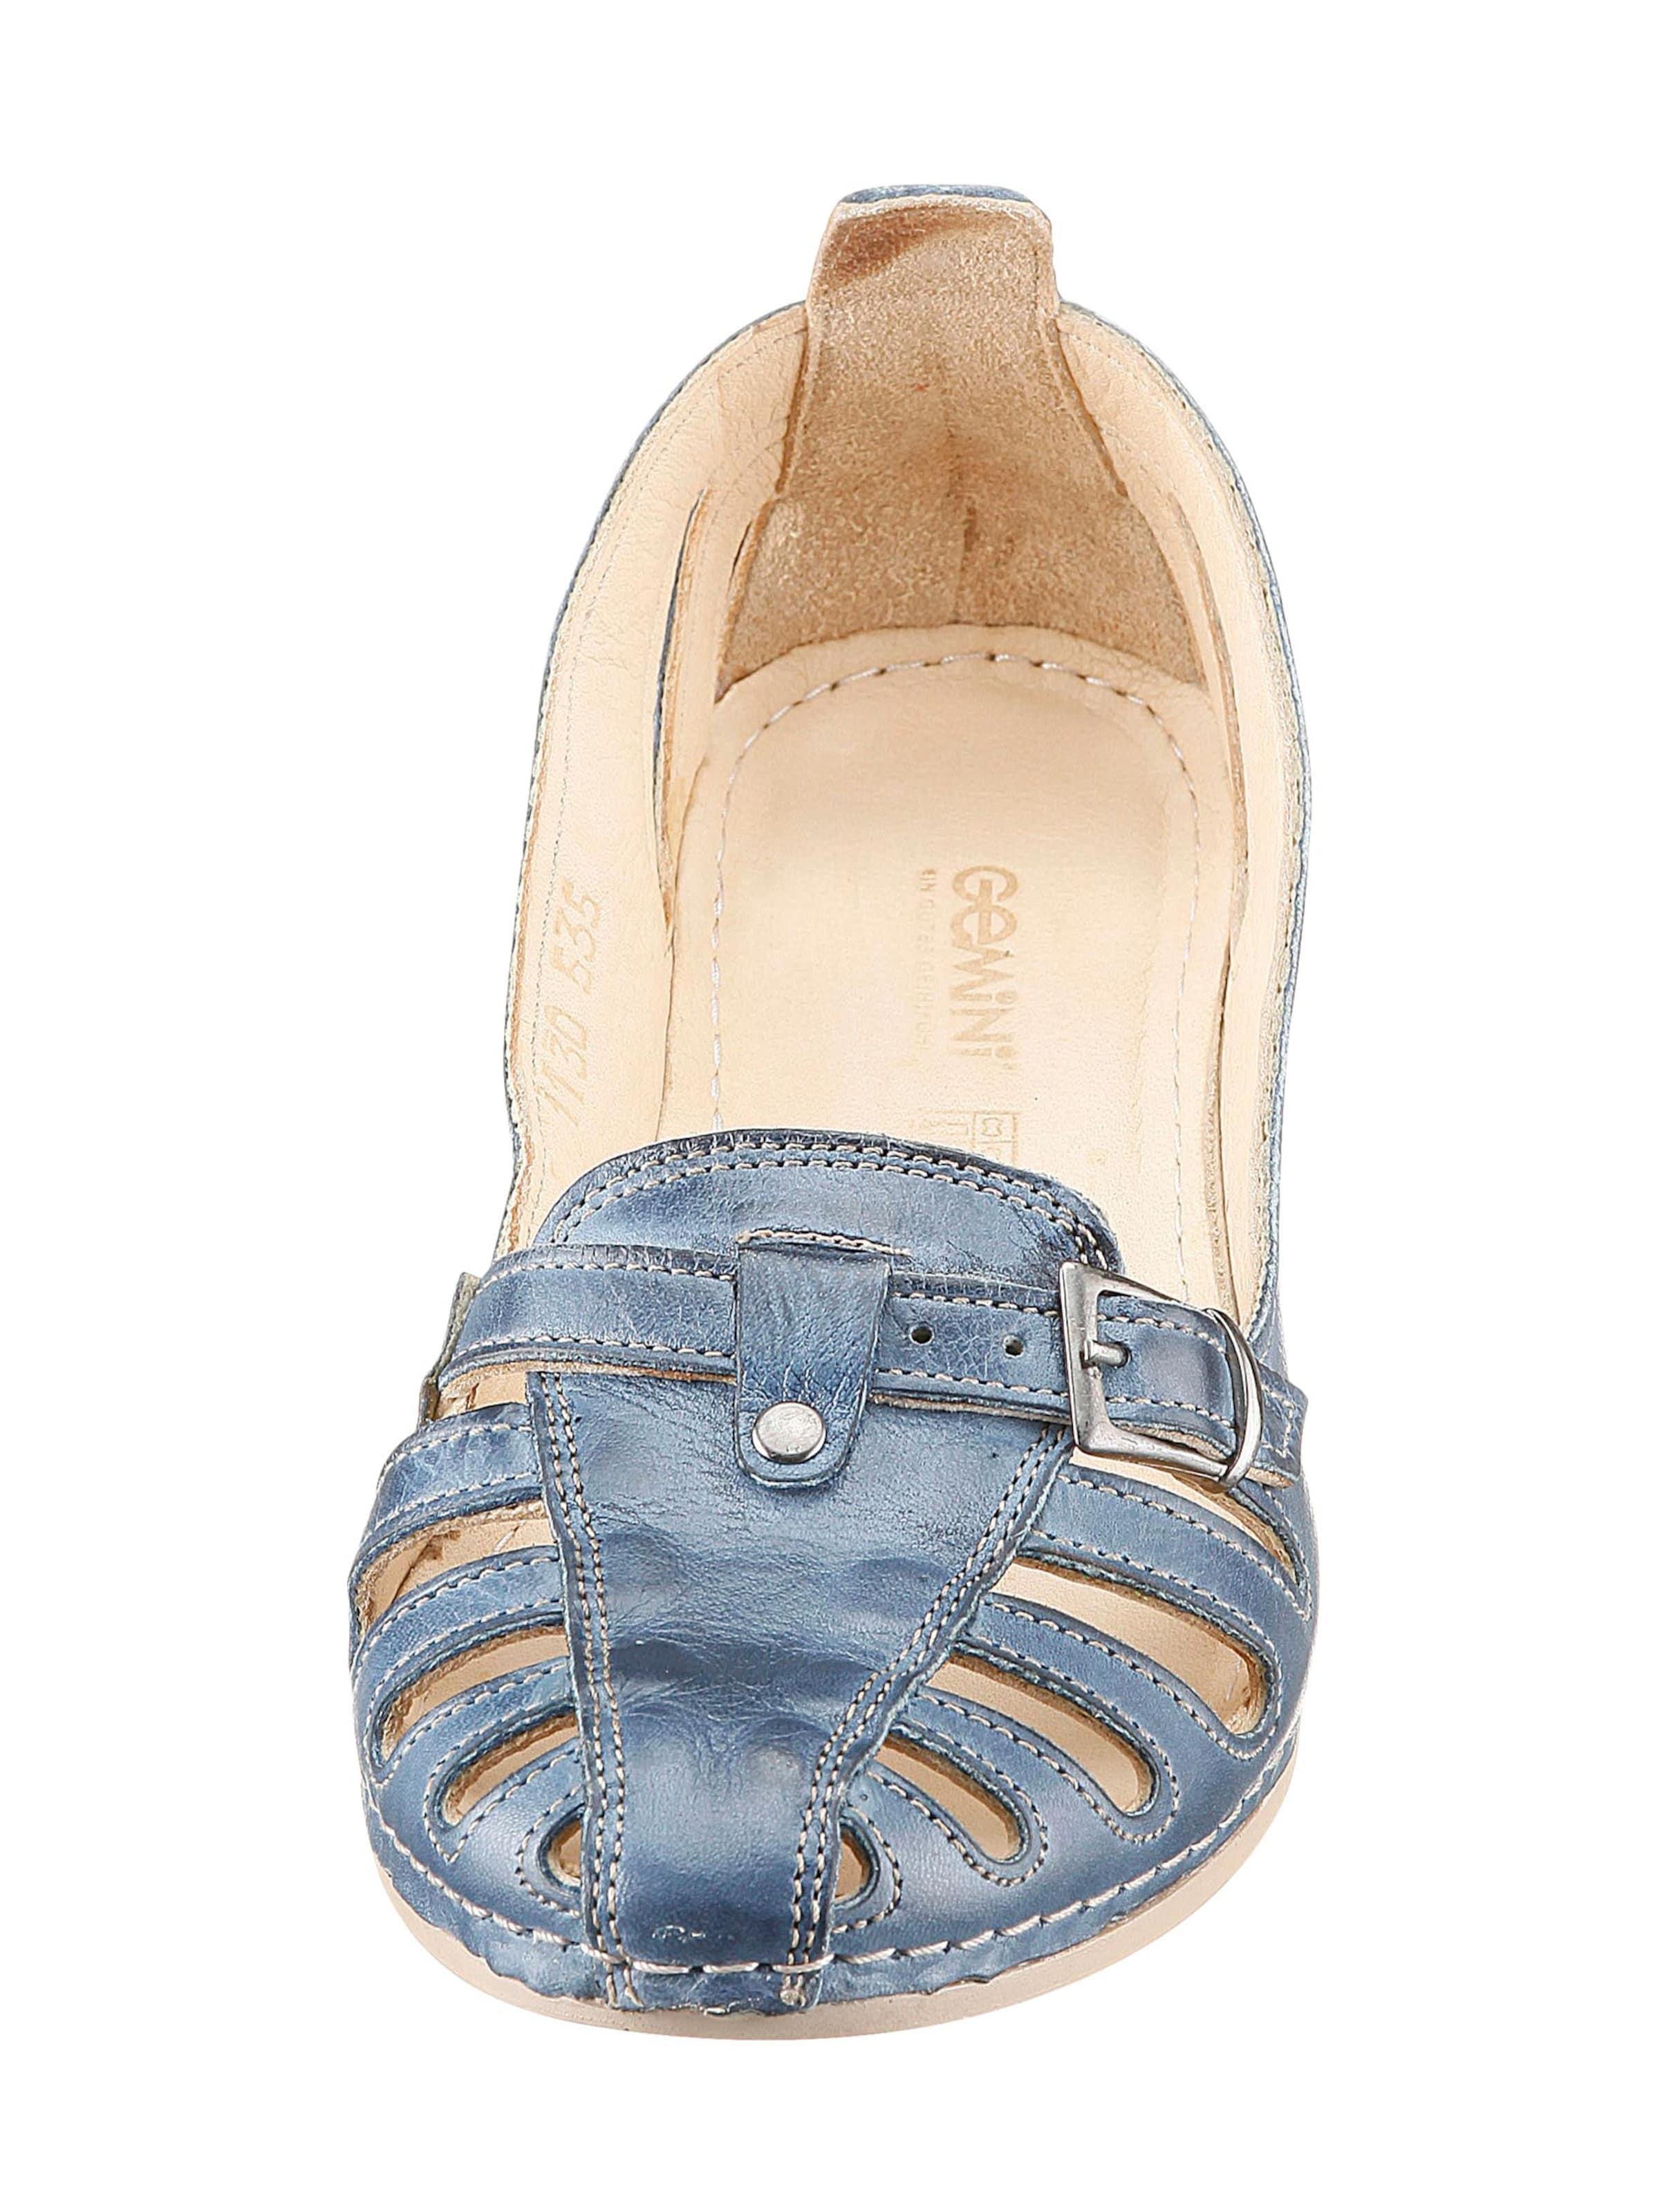 gemini - Damen Slipper jeansblau